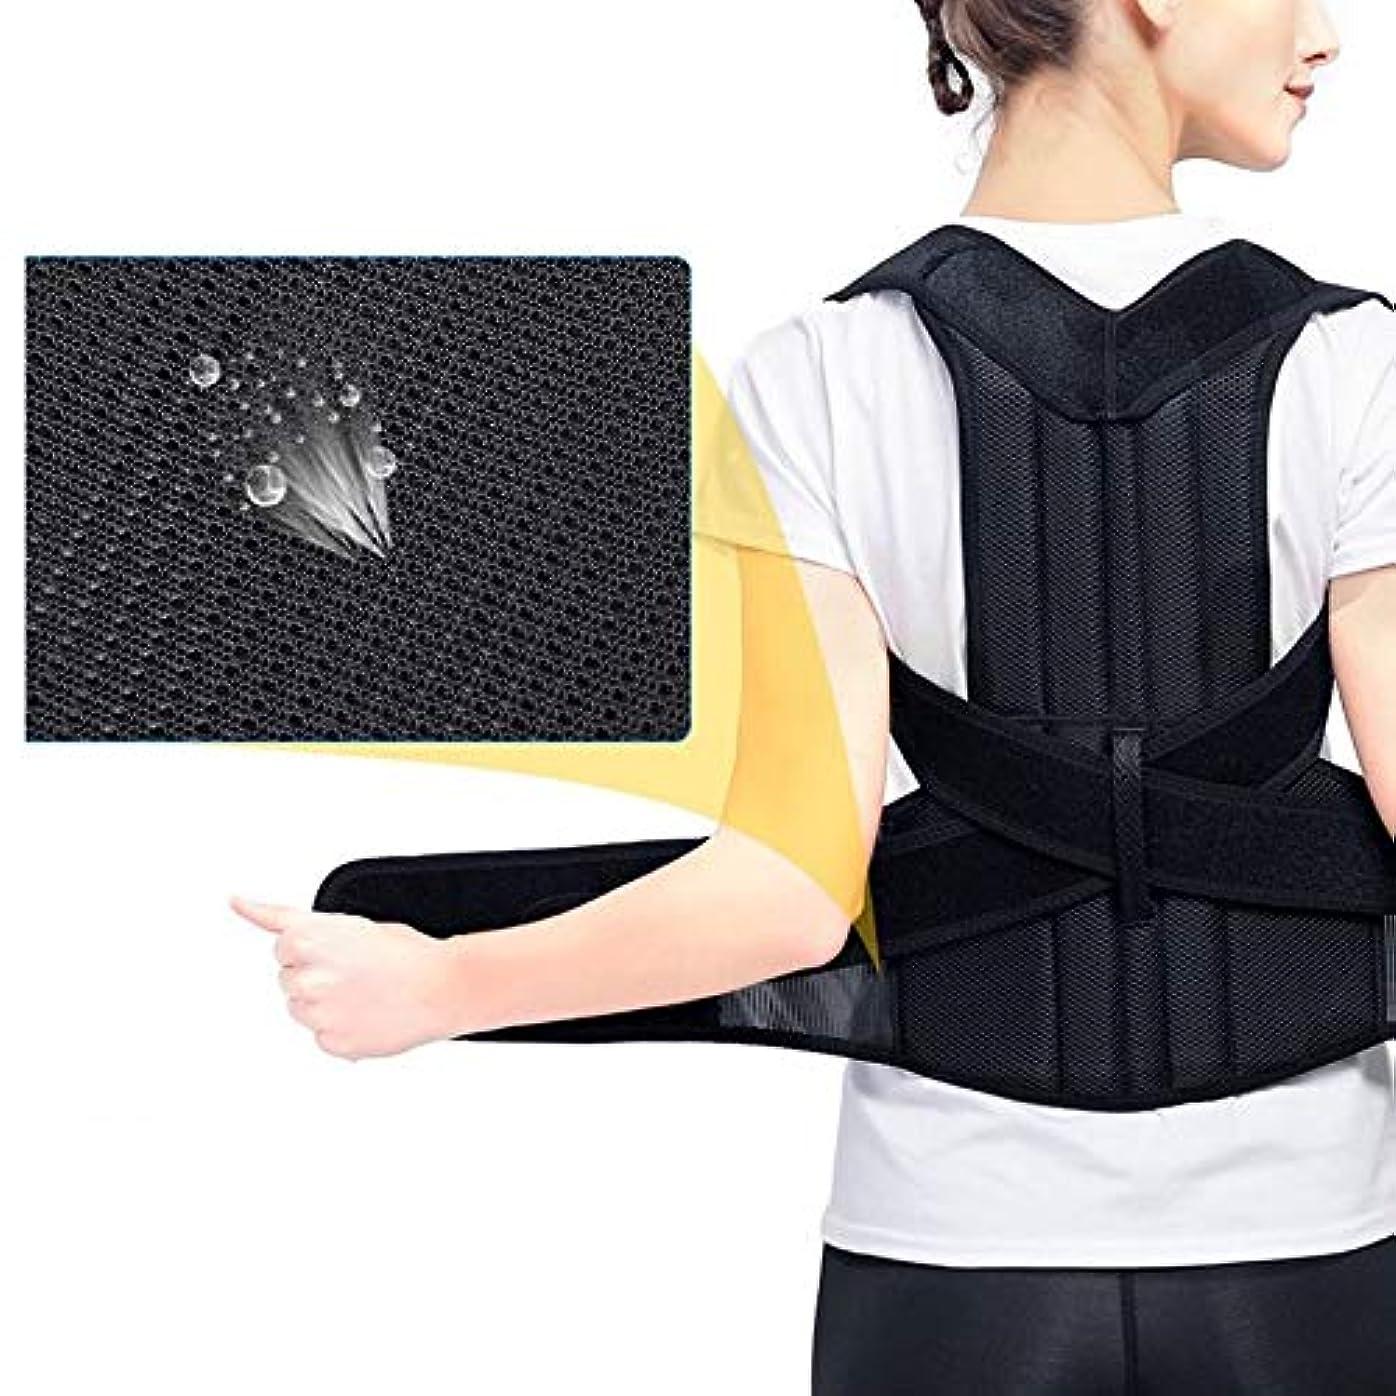 契約した地理乗り出す腰椎矯正バックブレース背骨装具側弯症腰椎サポート脊椎湾曲装具固定用姿勢 - 黒